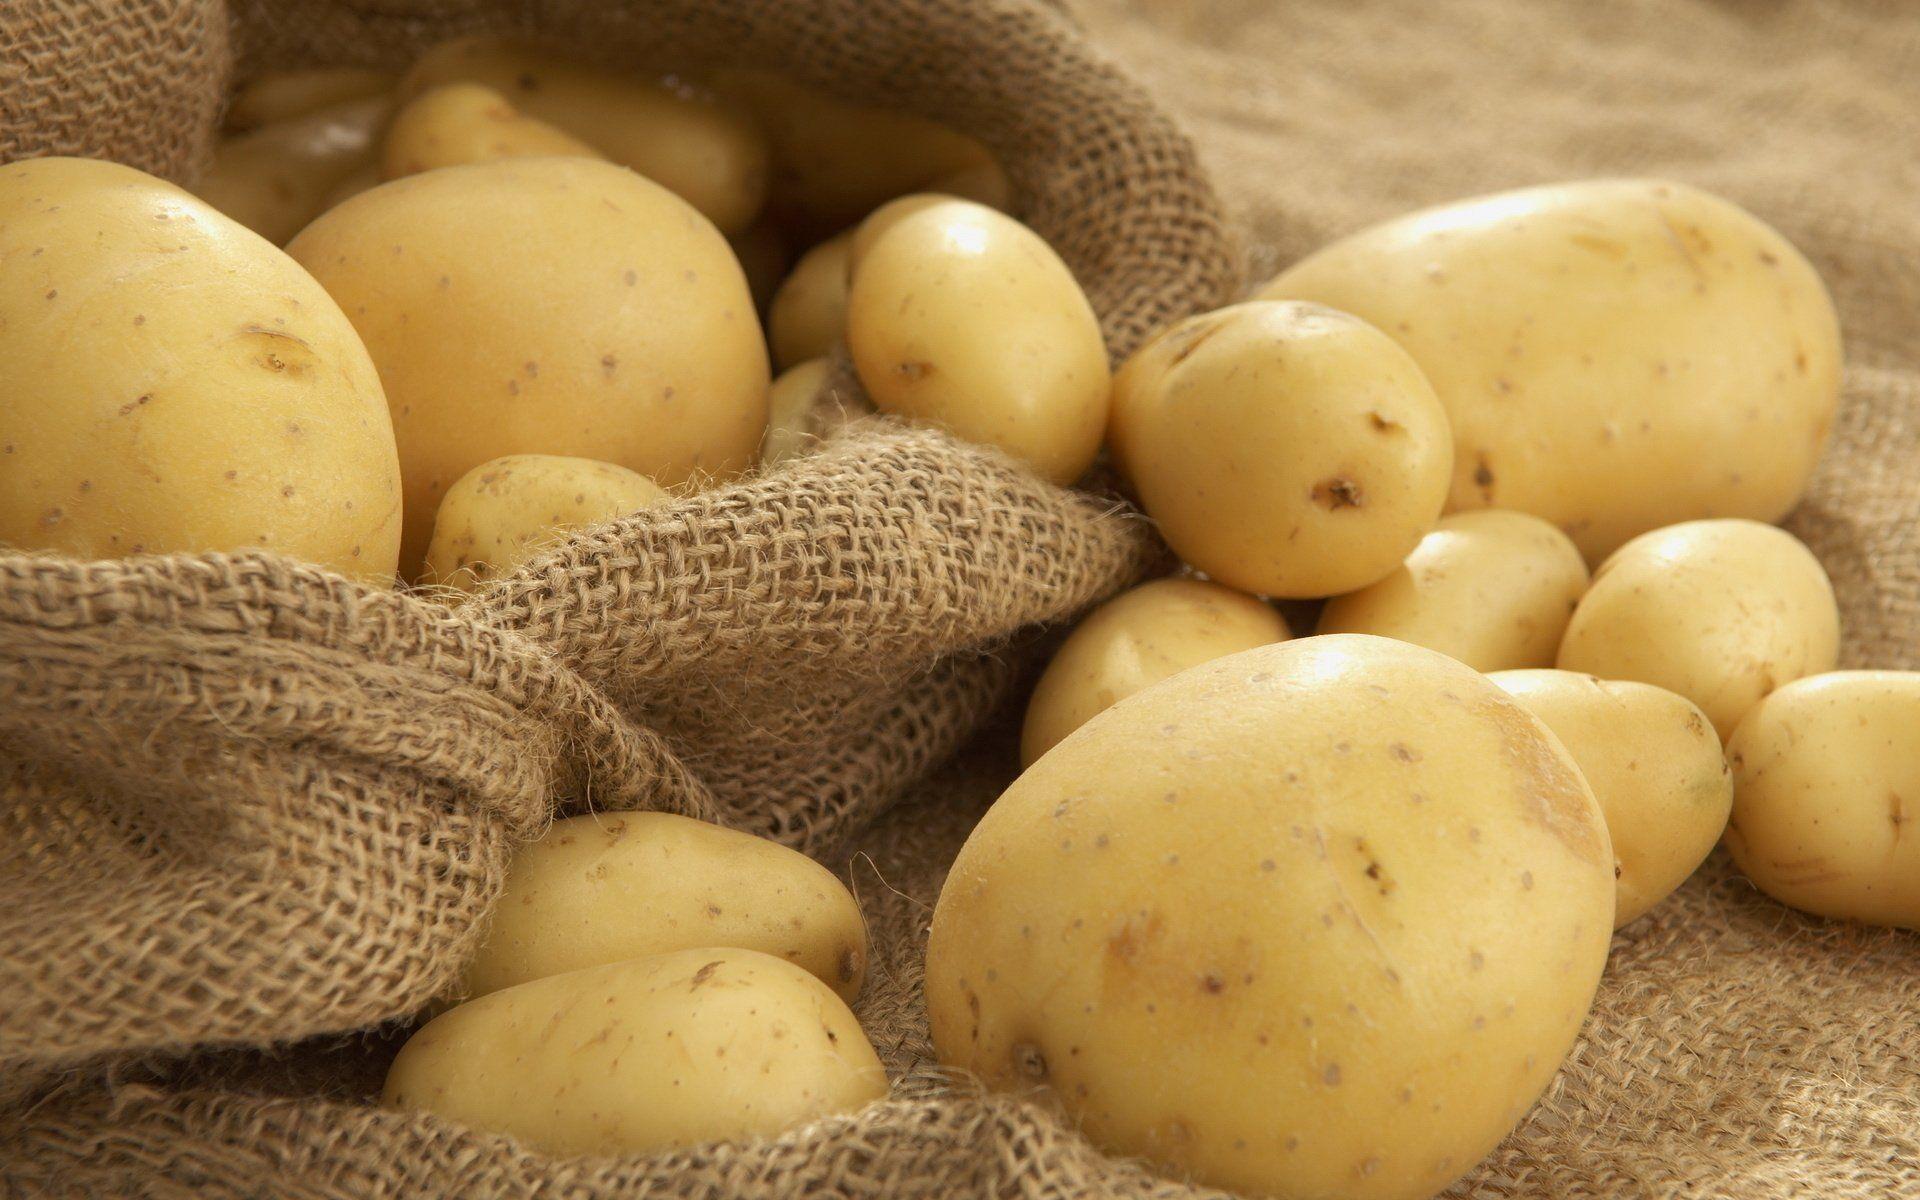 مكونات طبيعية لبشرة مشرقة : البطاطا الحلوة